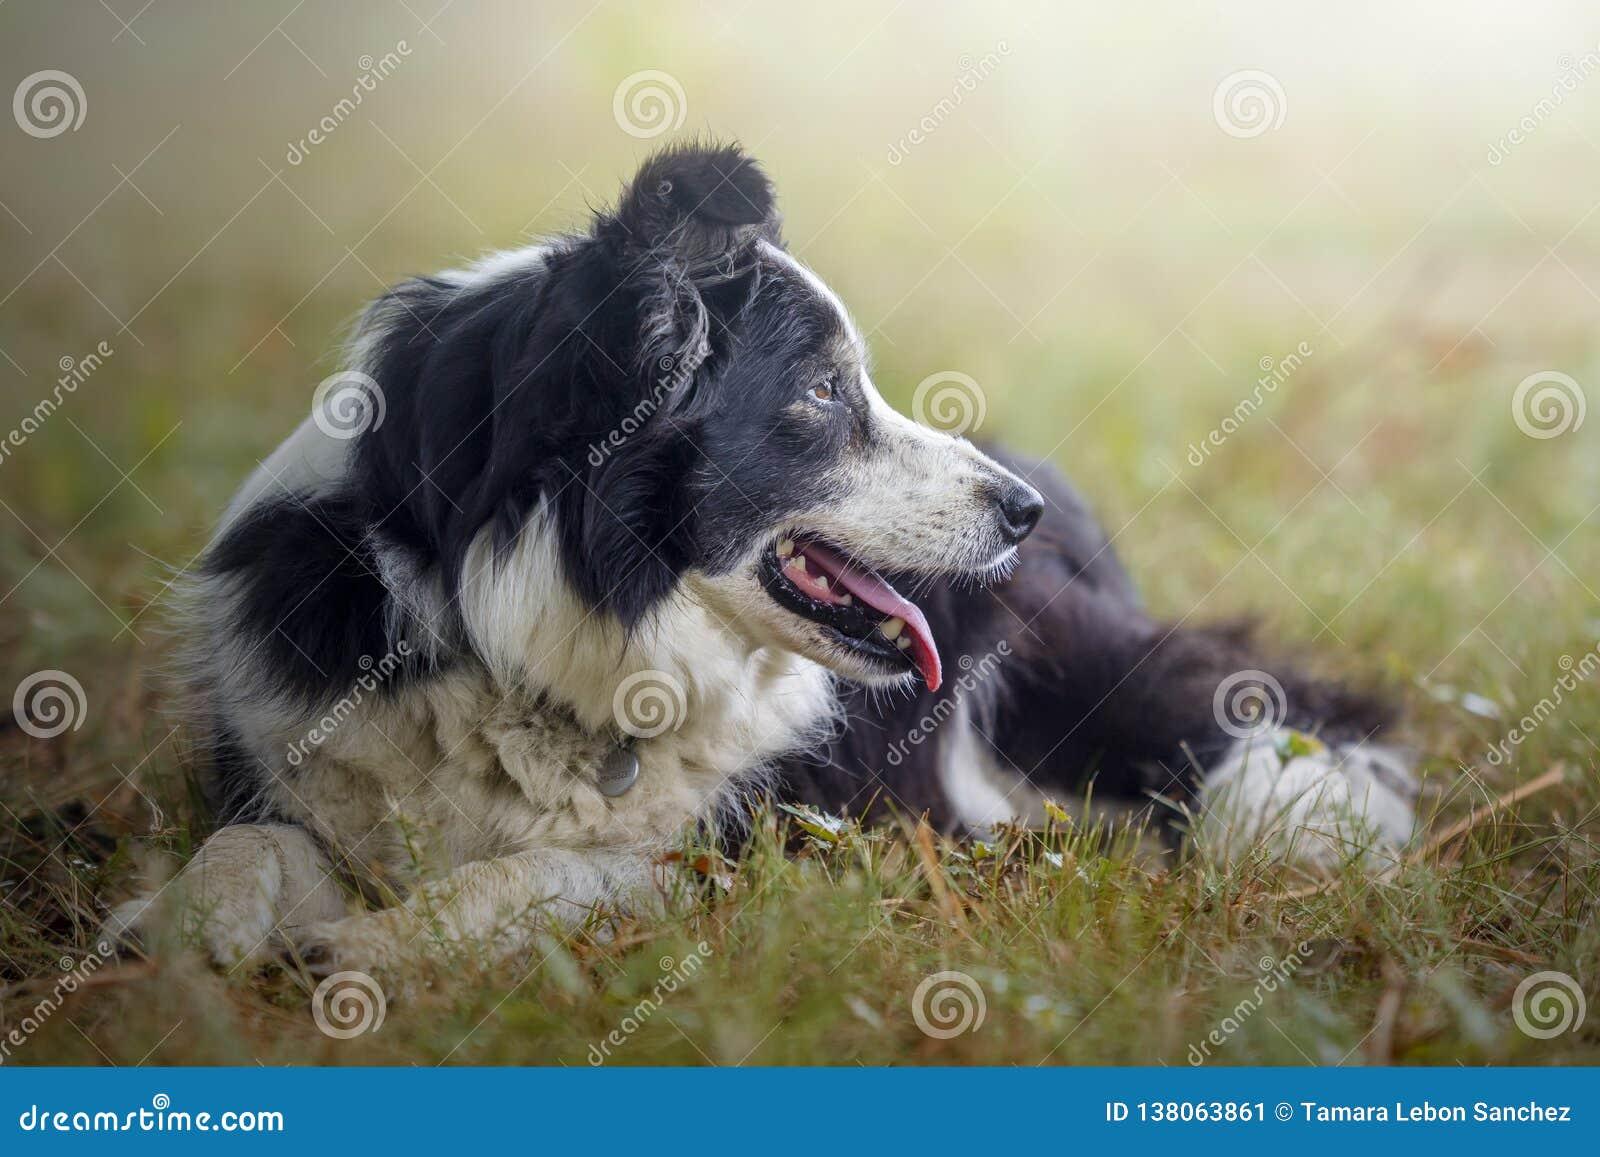 Stående av en border collie hund